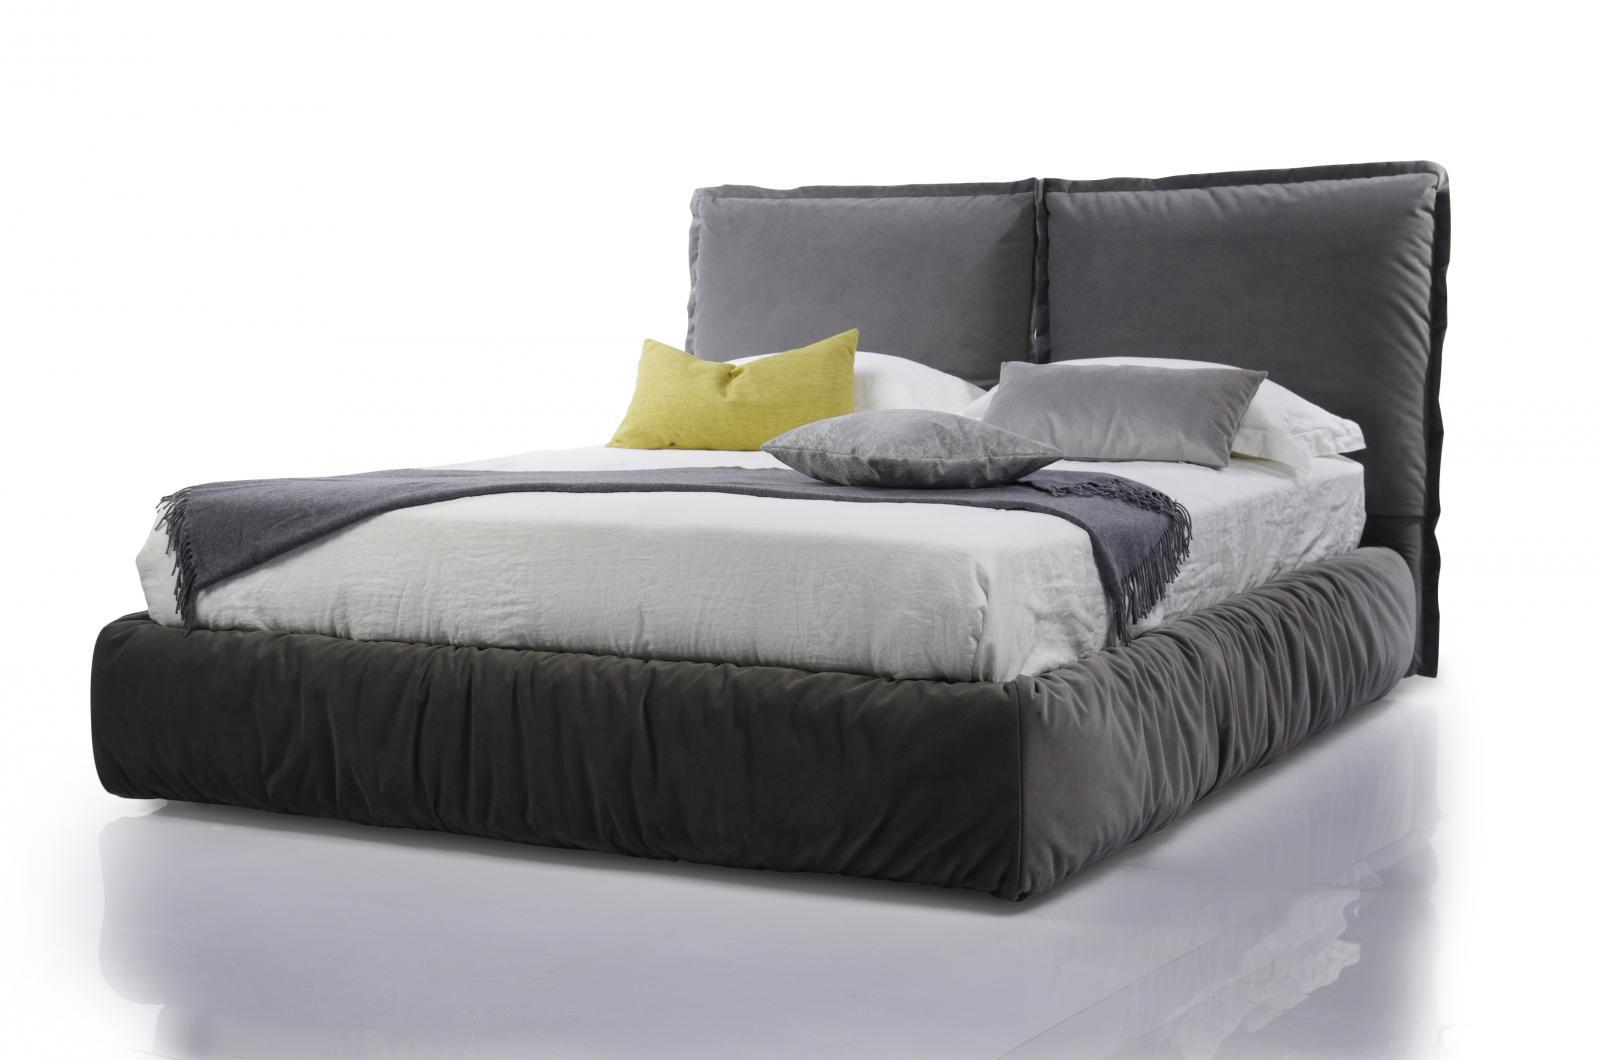 Купить Кровать Alfabed Now с подъемным механизмом 180х200, inmyroom, Италия